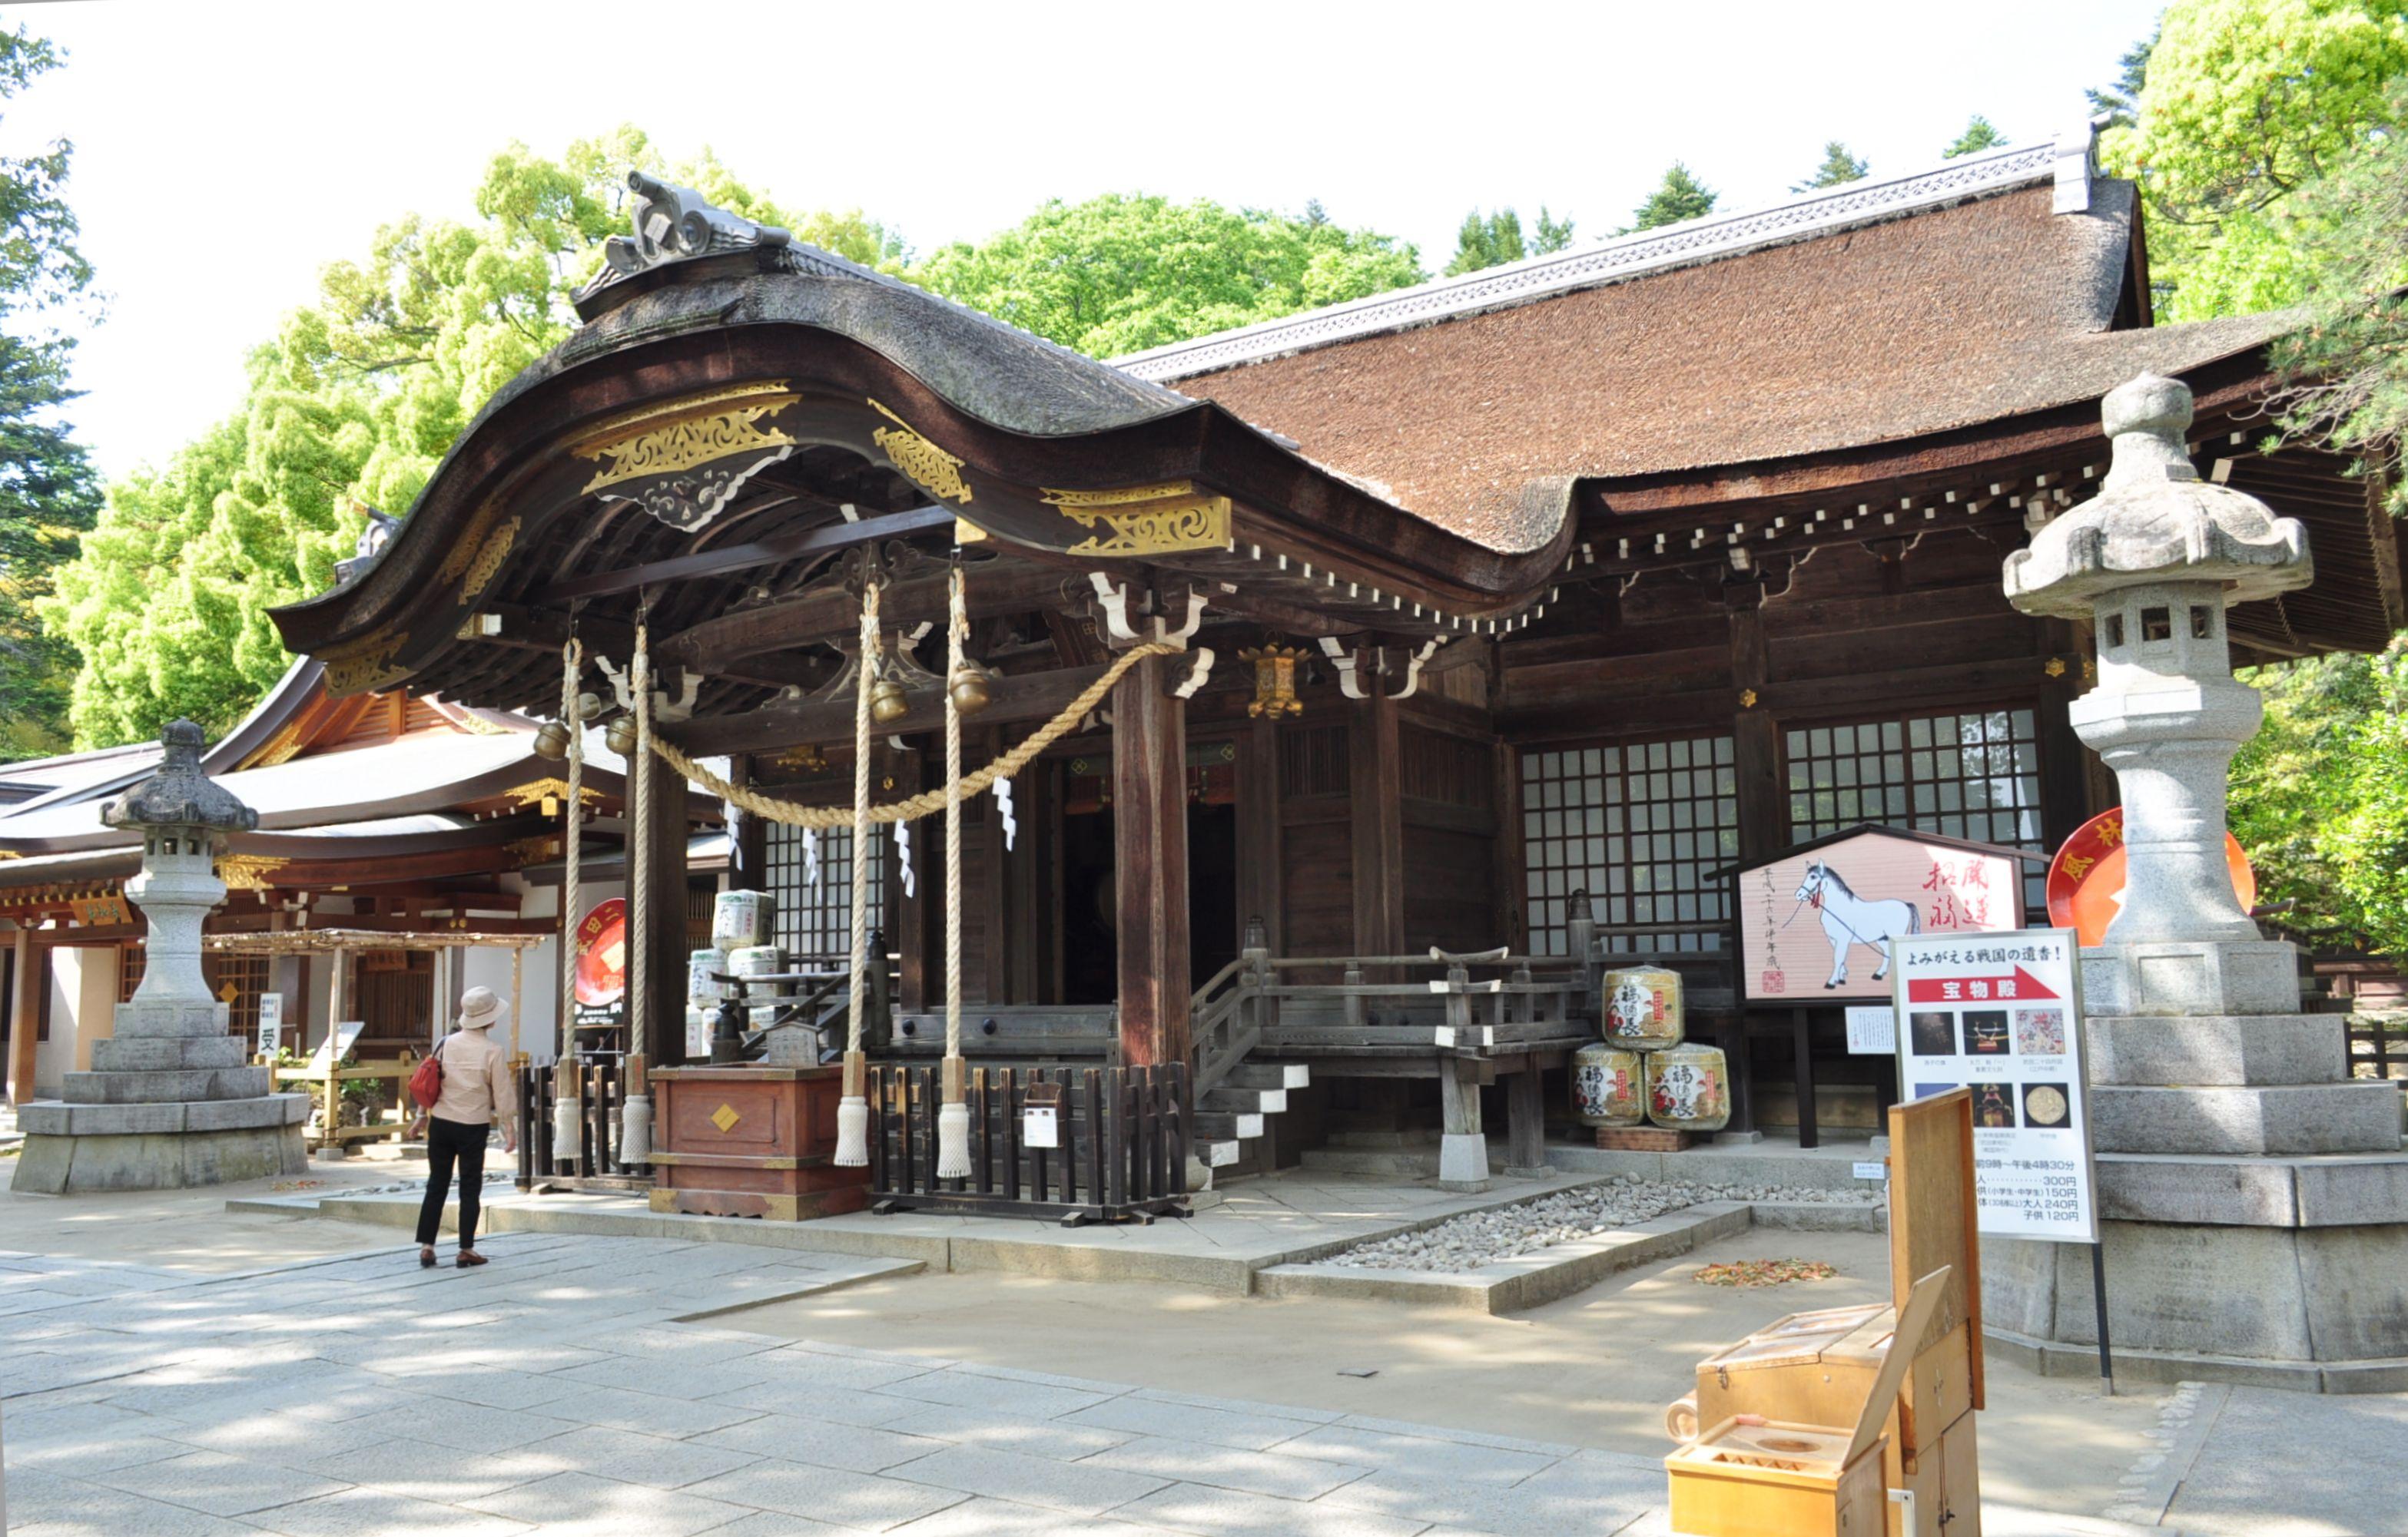 武田神社に行って御朱印集め!アクセスは?武田信玄ゆかりの地!